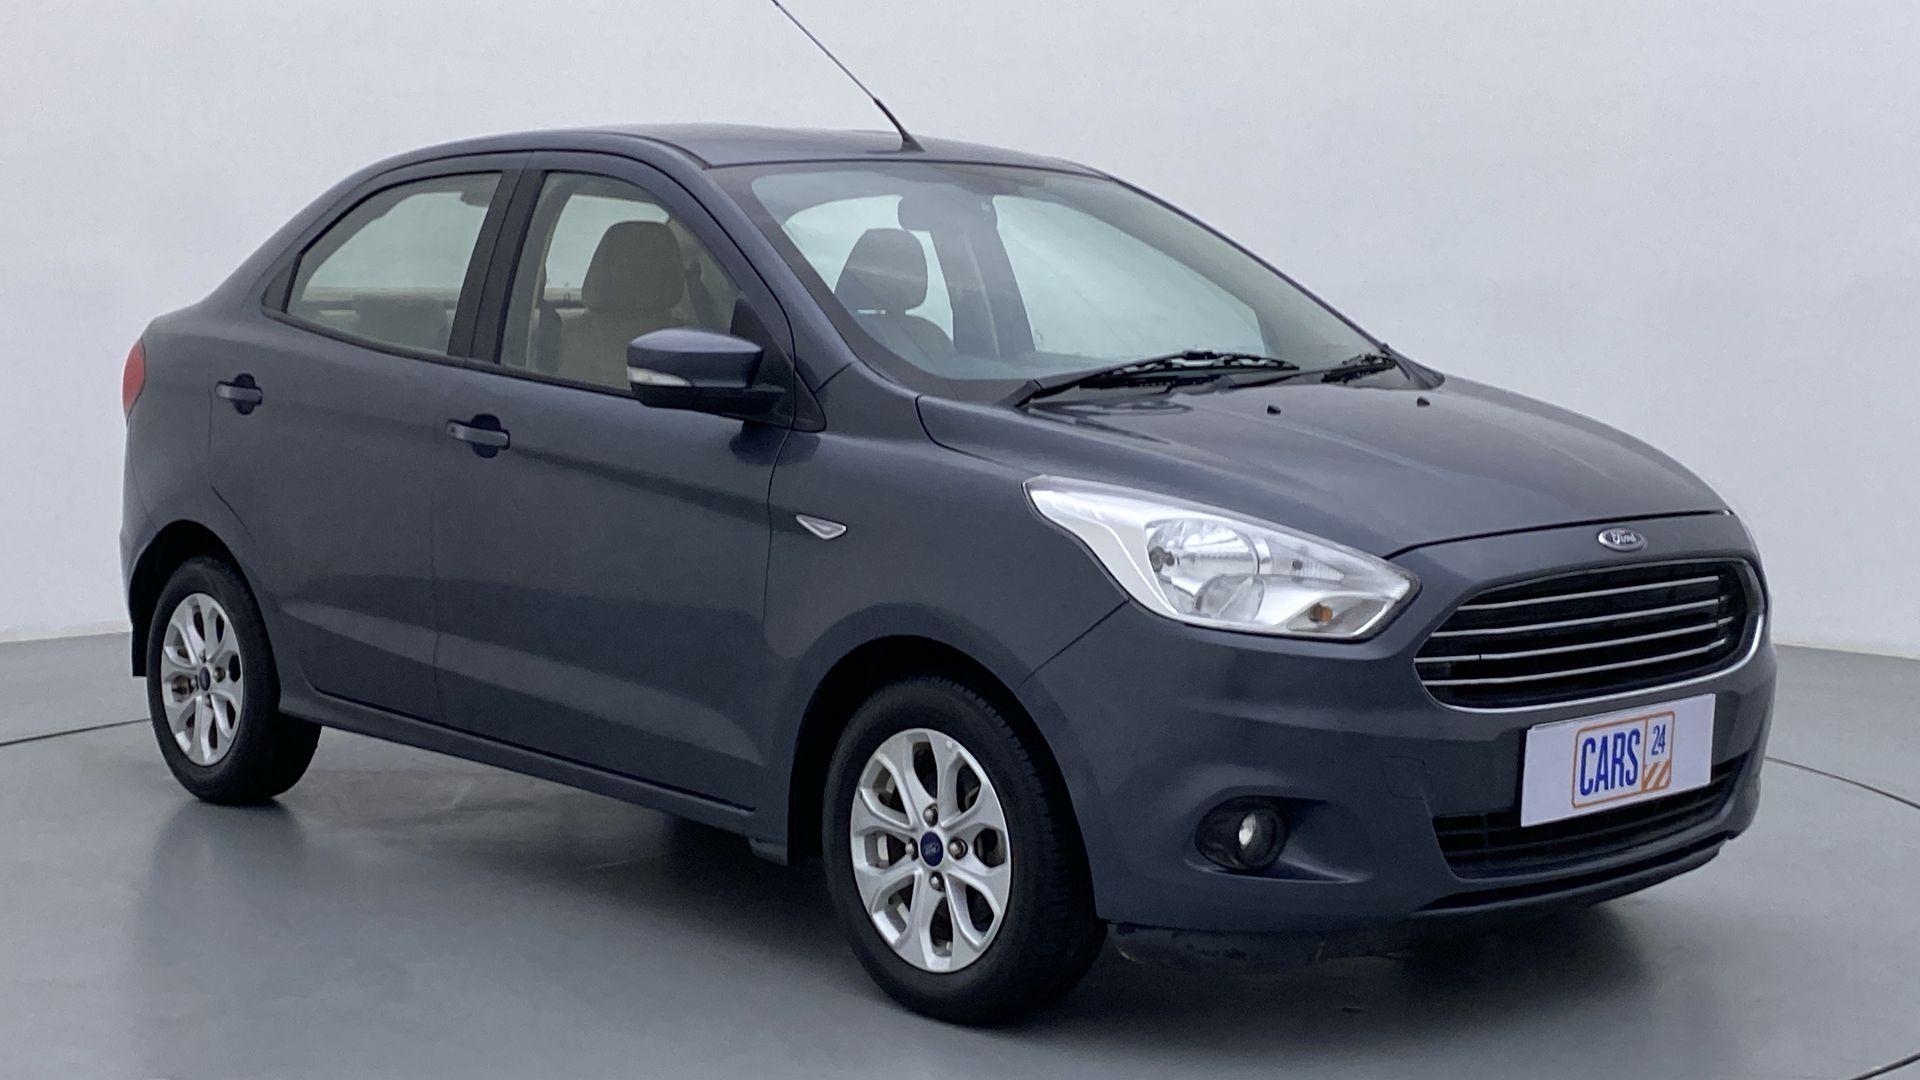 2015 Ford Figo Aspire 1.5 TITANIUM DIESEL